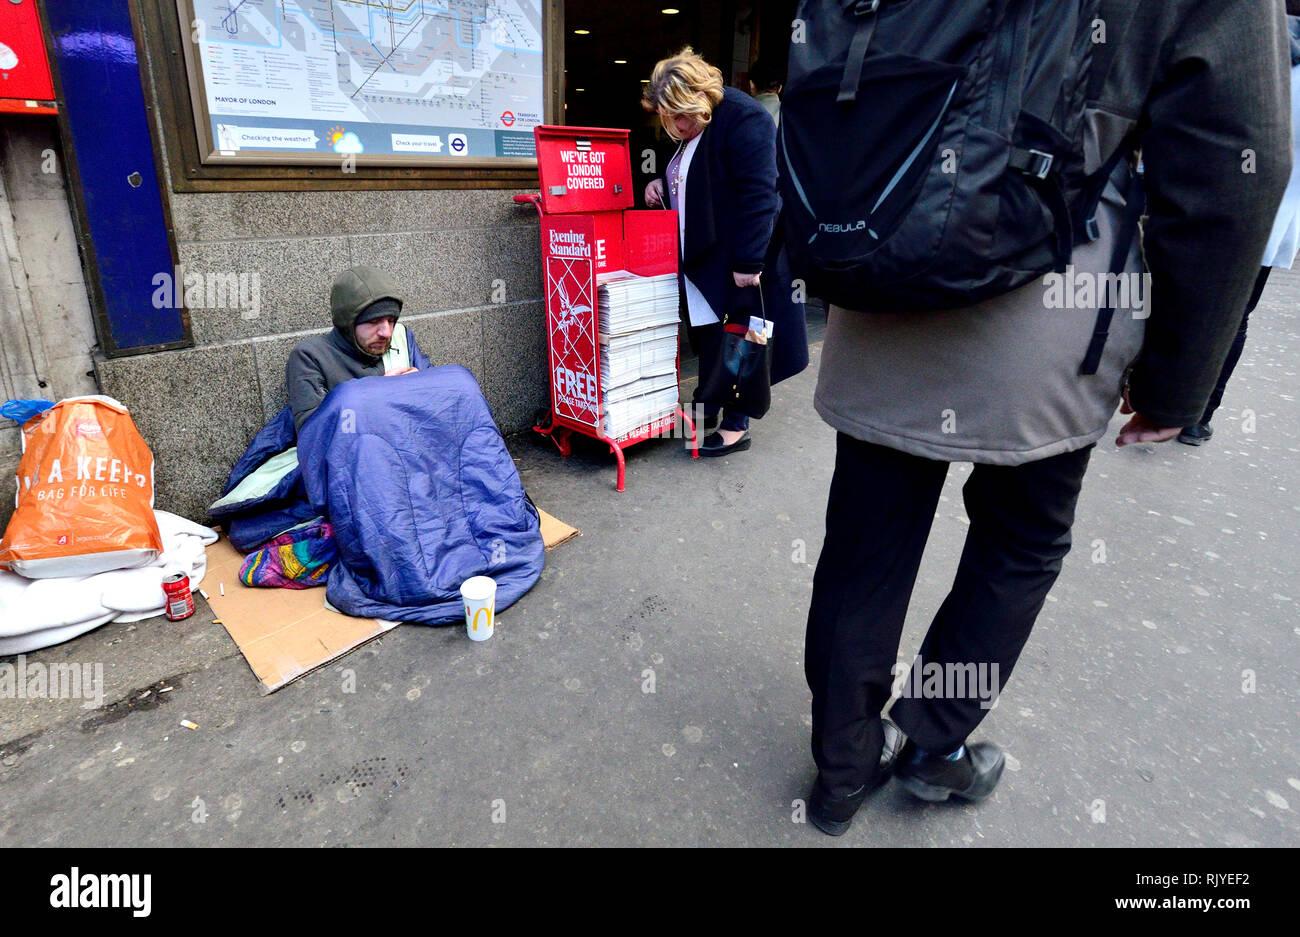 London, England, UK. Homeless man outside Holborn underground station - Stock Image